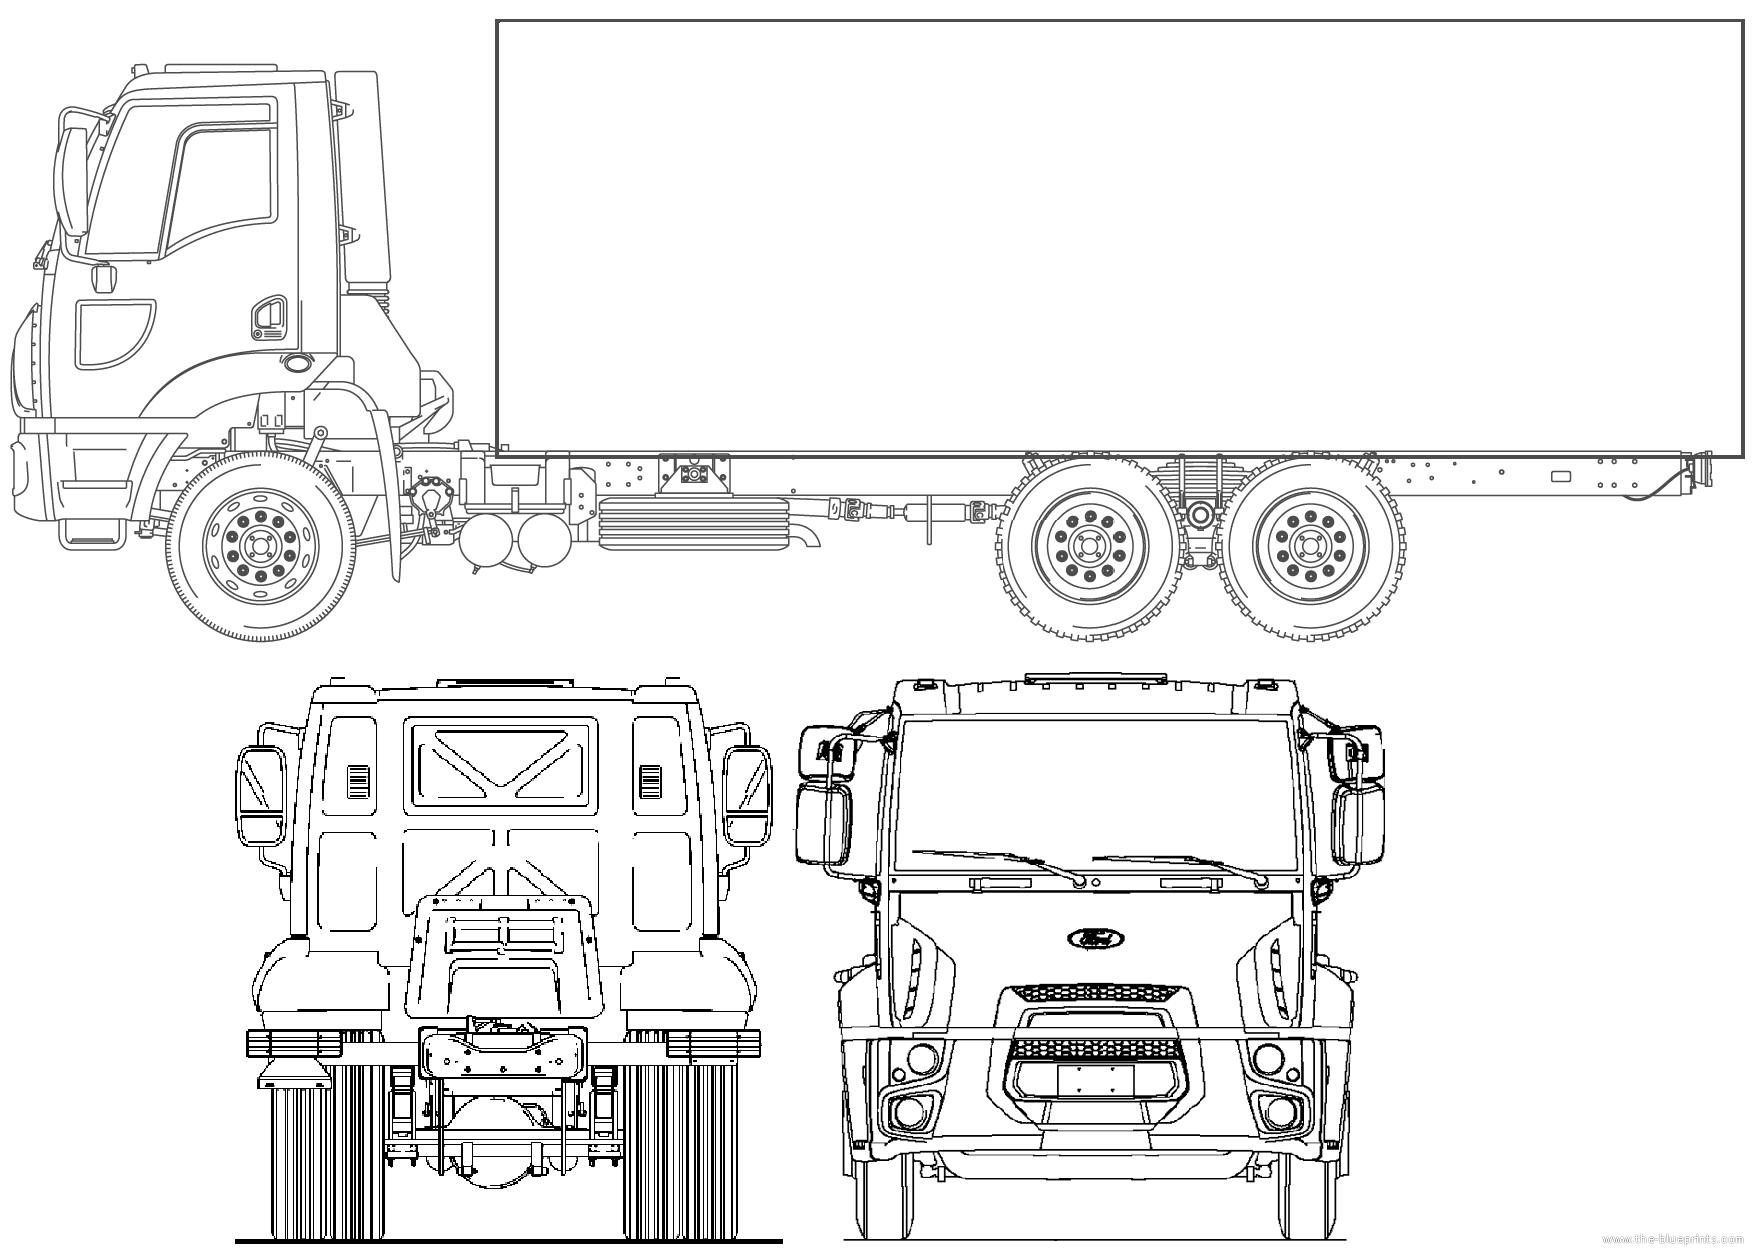 Ford Br Cargo on Ford V6 Engine Blueprints